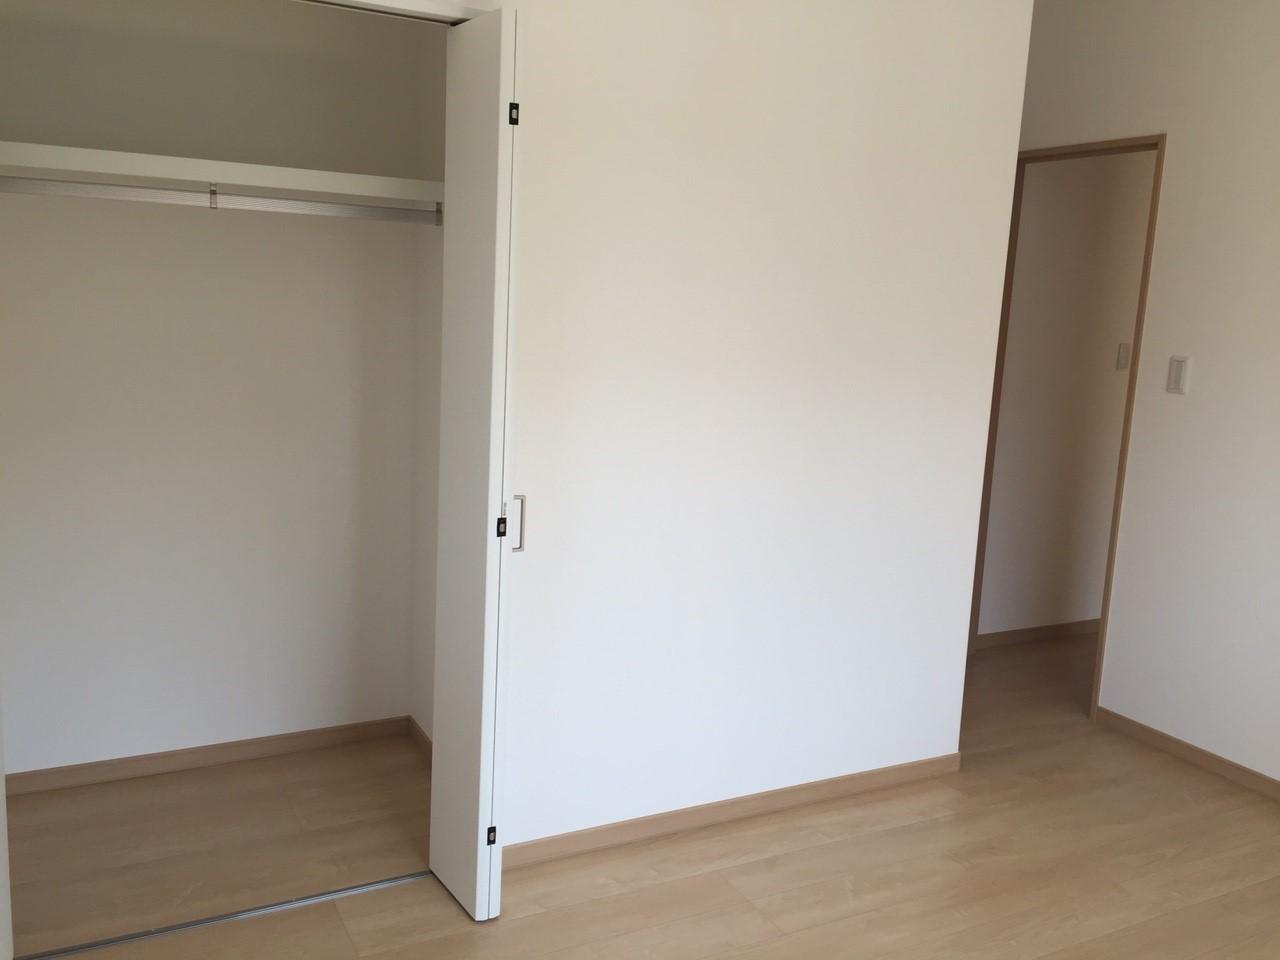 嬉しい収納スペース。居住空間を広く感じていただくための工夫が、随所にみられるのも特徴です。